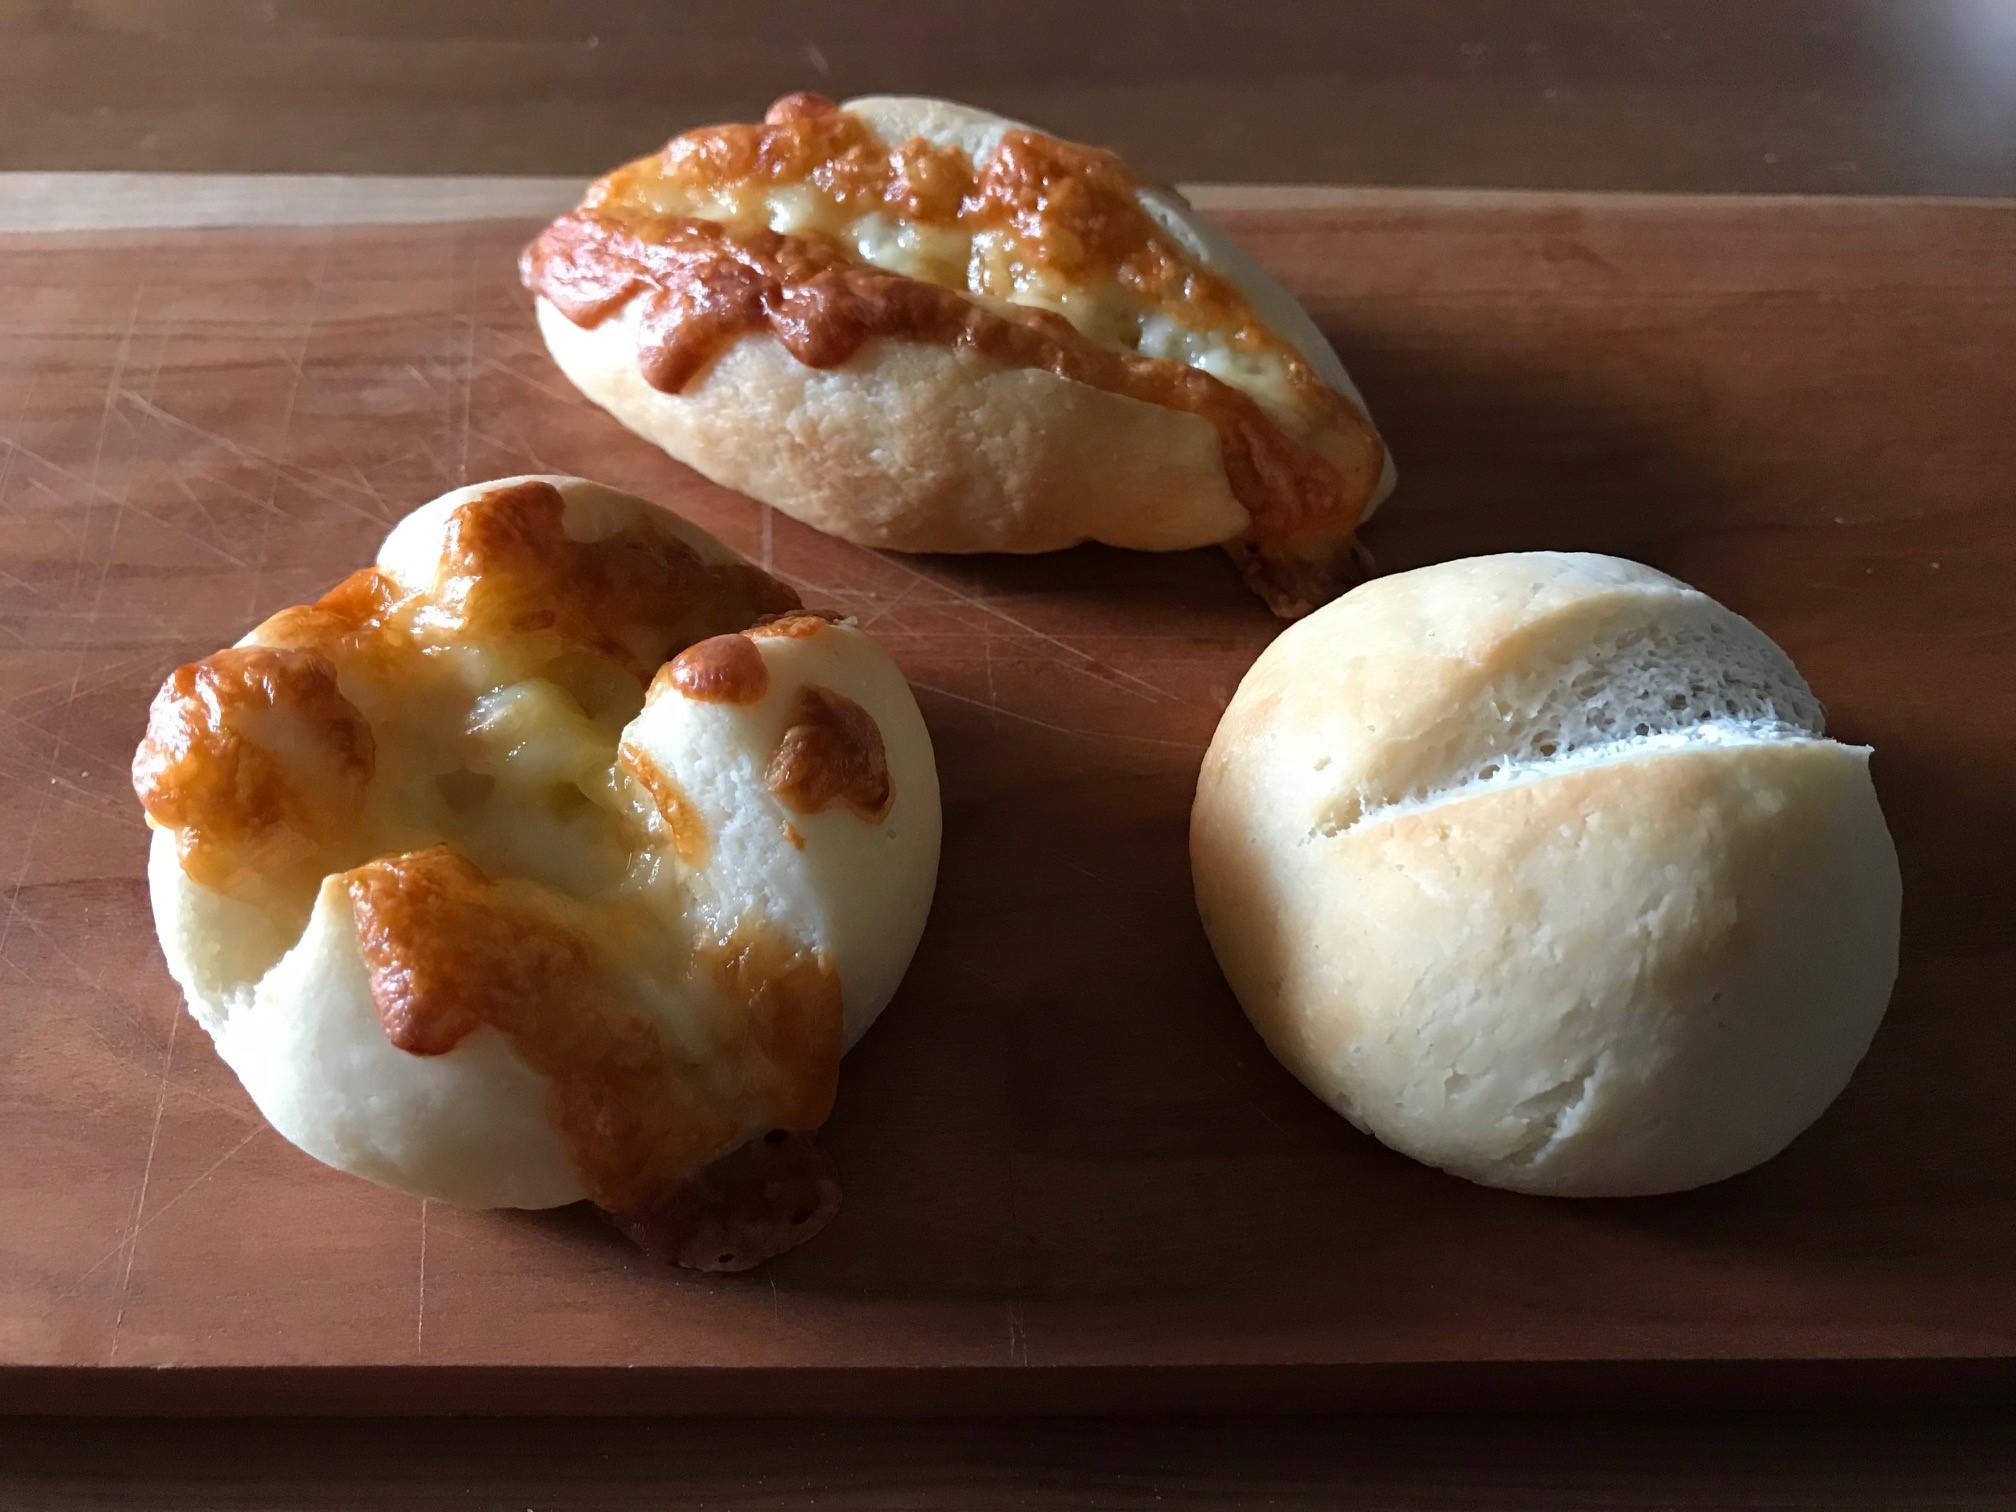 大塚せつ子の手成形できる米粉パン(パルコ出版)